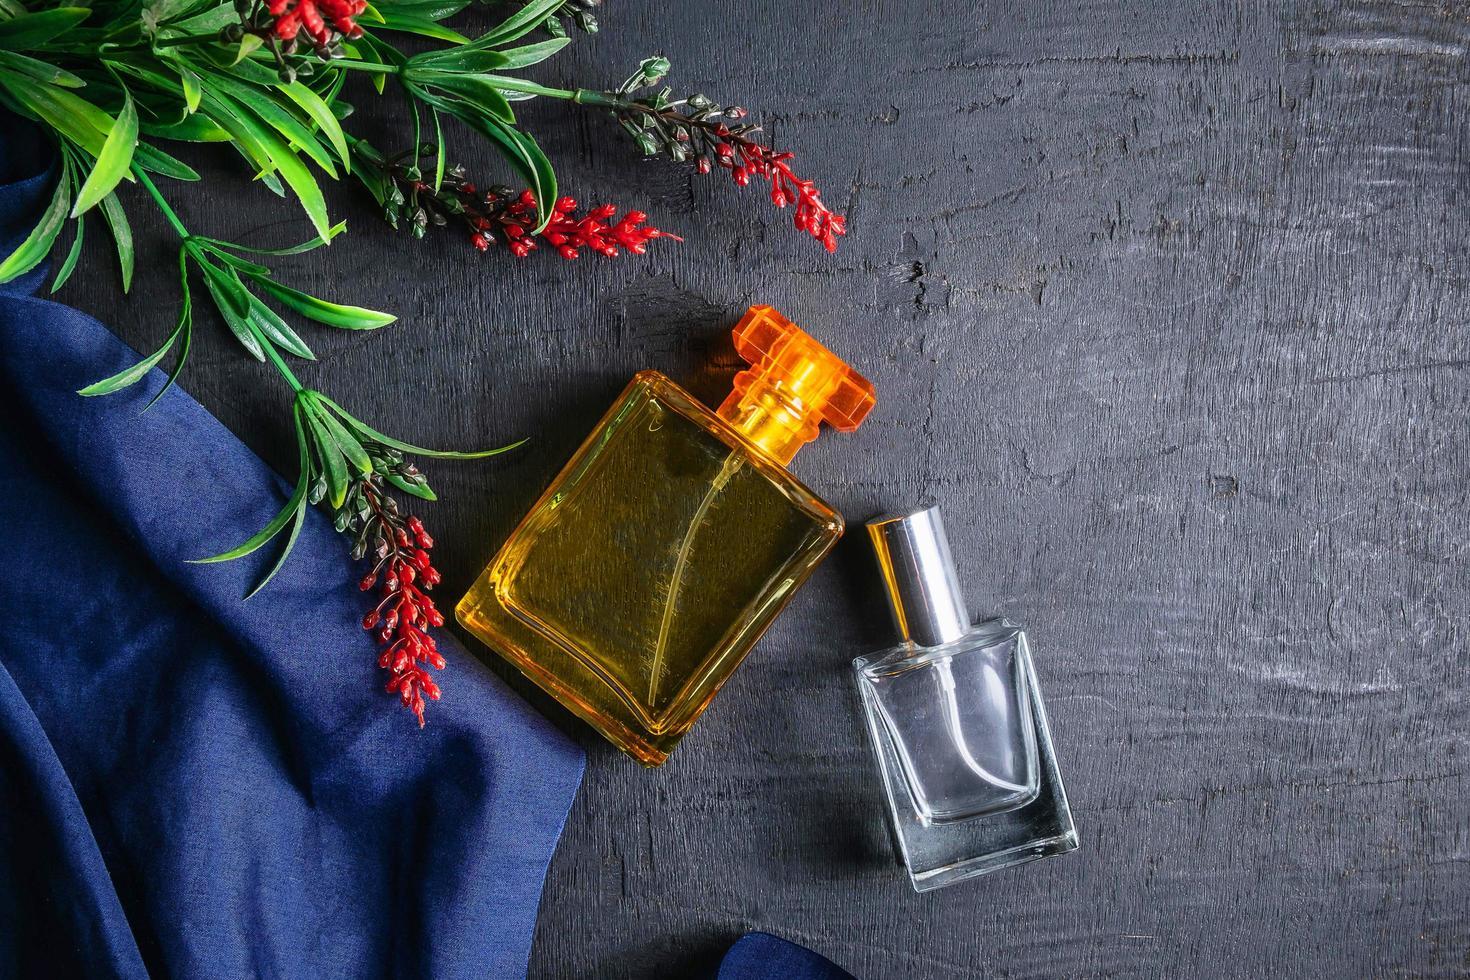 Two perfume bottles photo